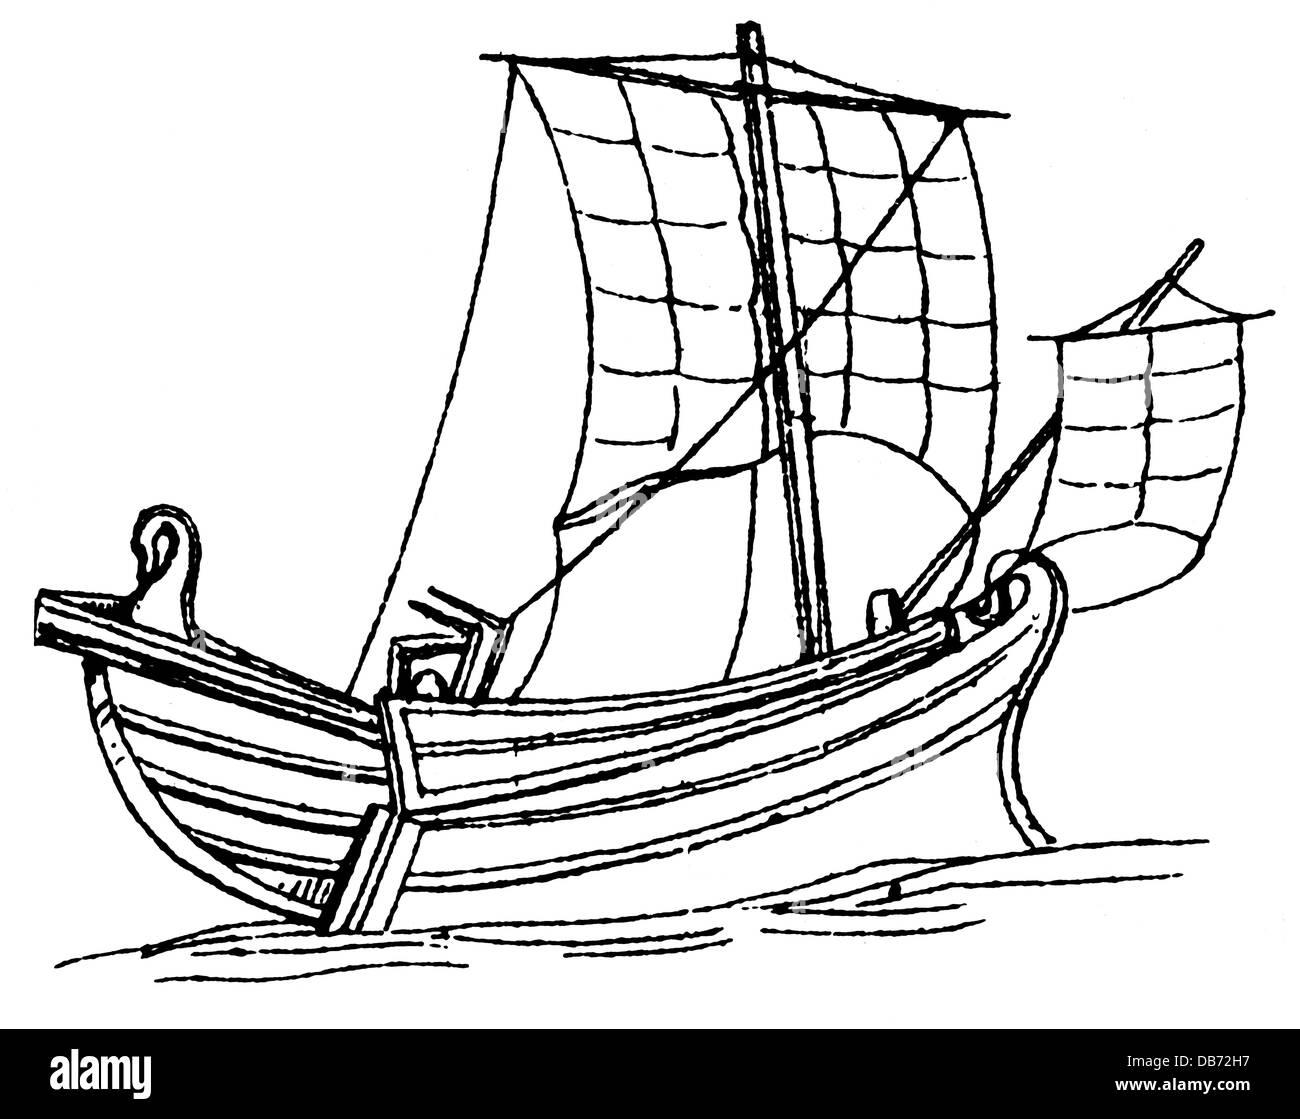 transport / transportation, navigation, sailing ships, merchant ship from Byblos, circa 1000 - 500 BC, wood engraving, - Stock Image